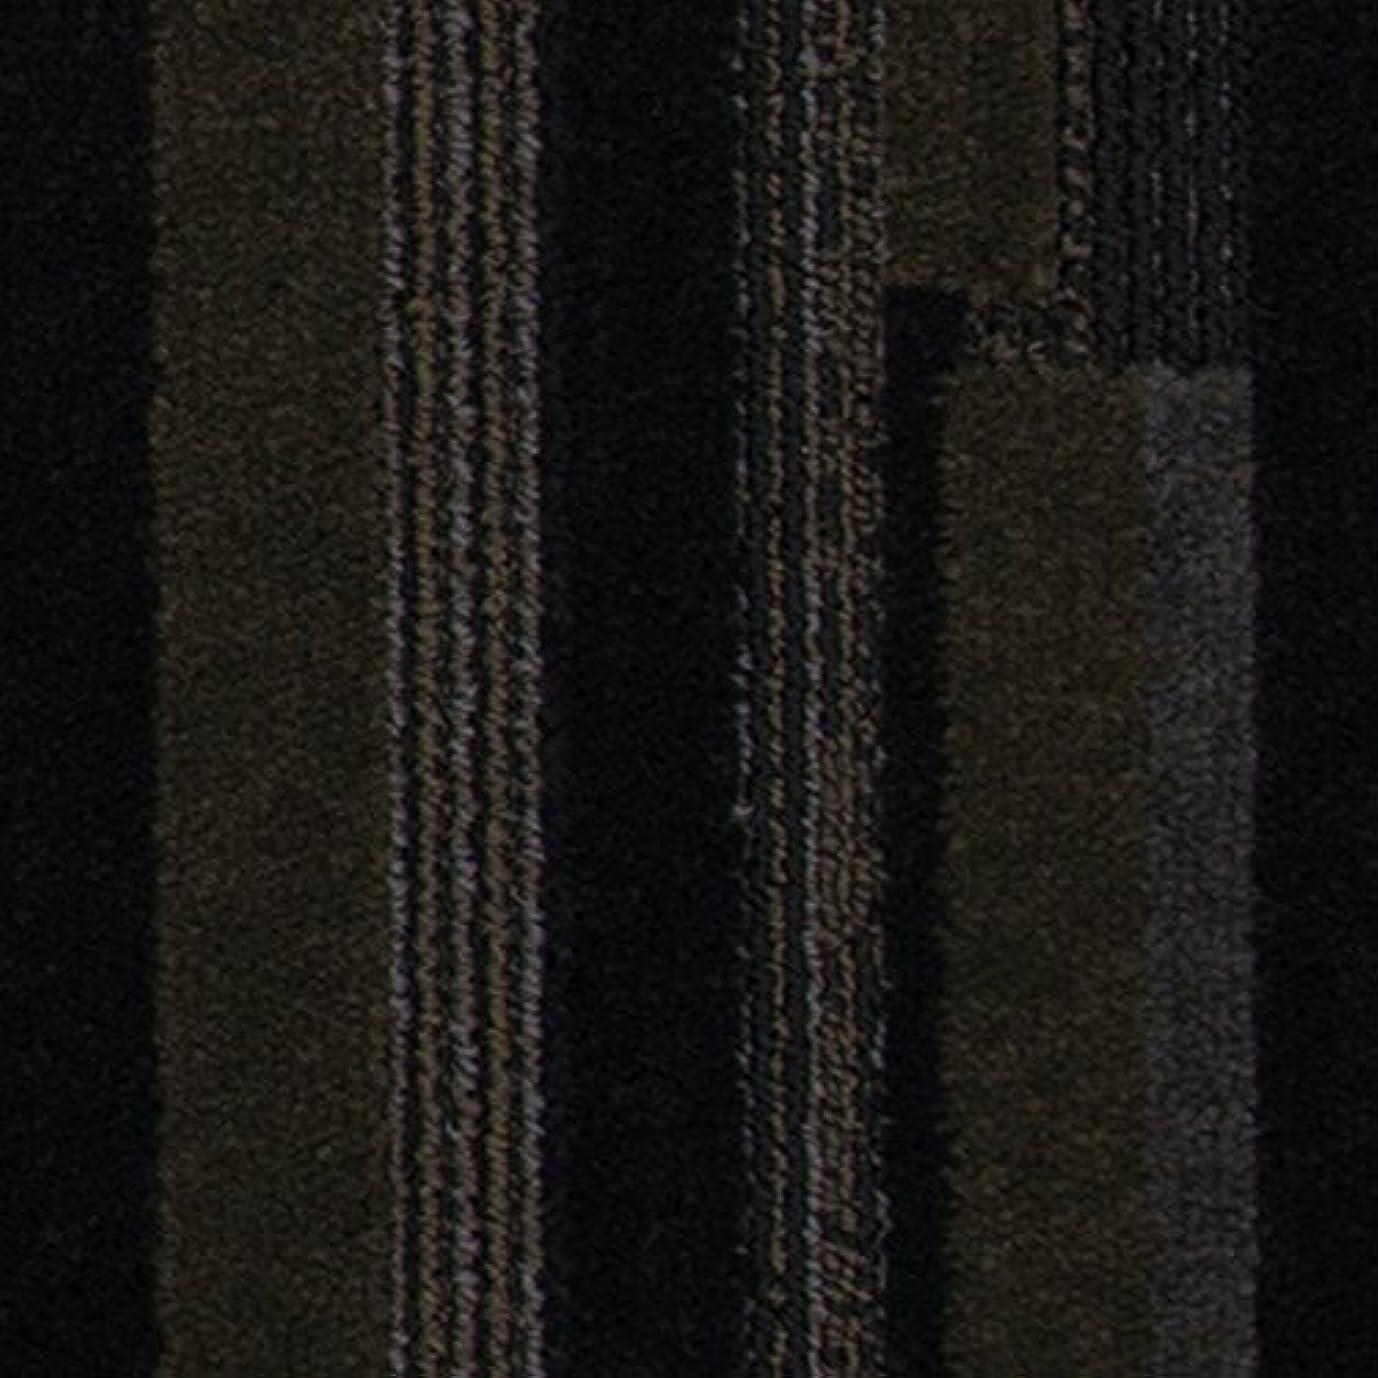 楽しませるピラミッド上向きシンコール クラベス CU-5557 本間3畳 (191×286cm)